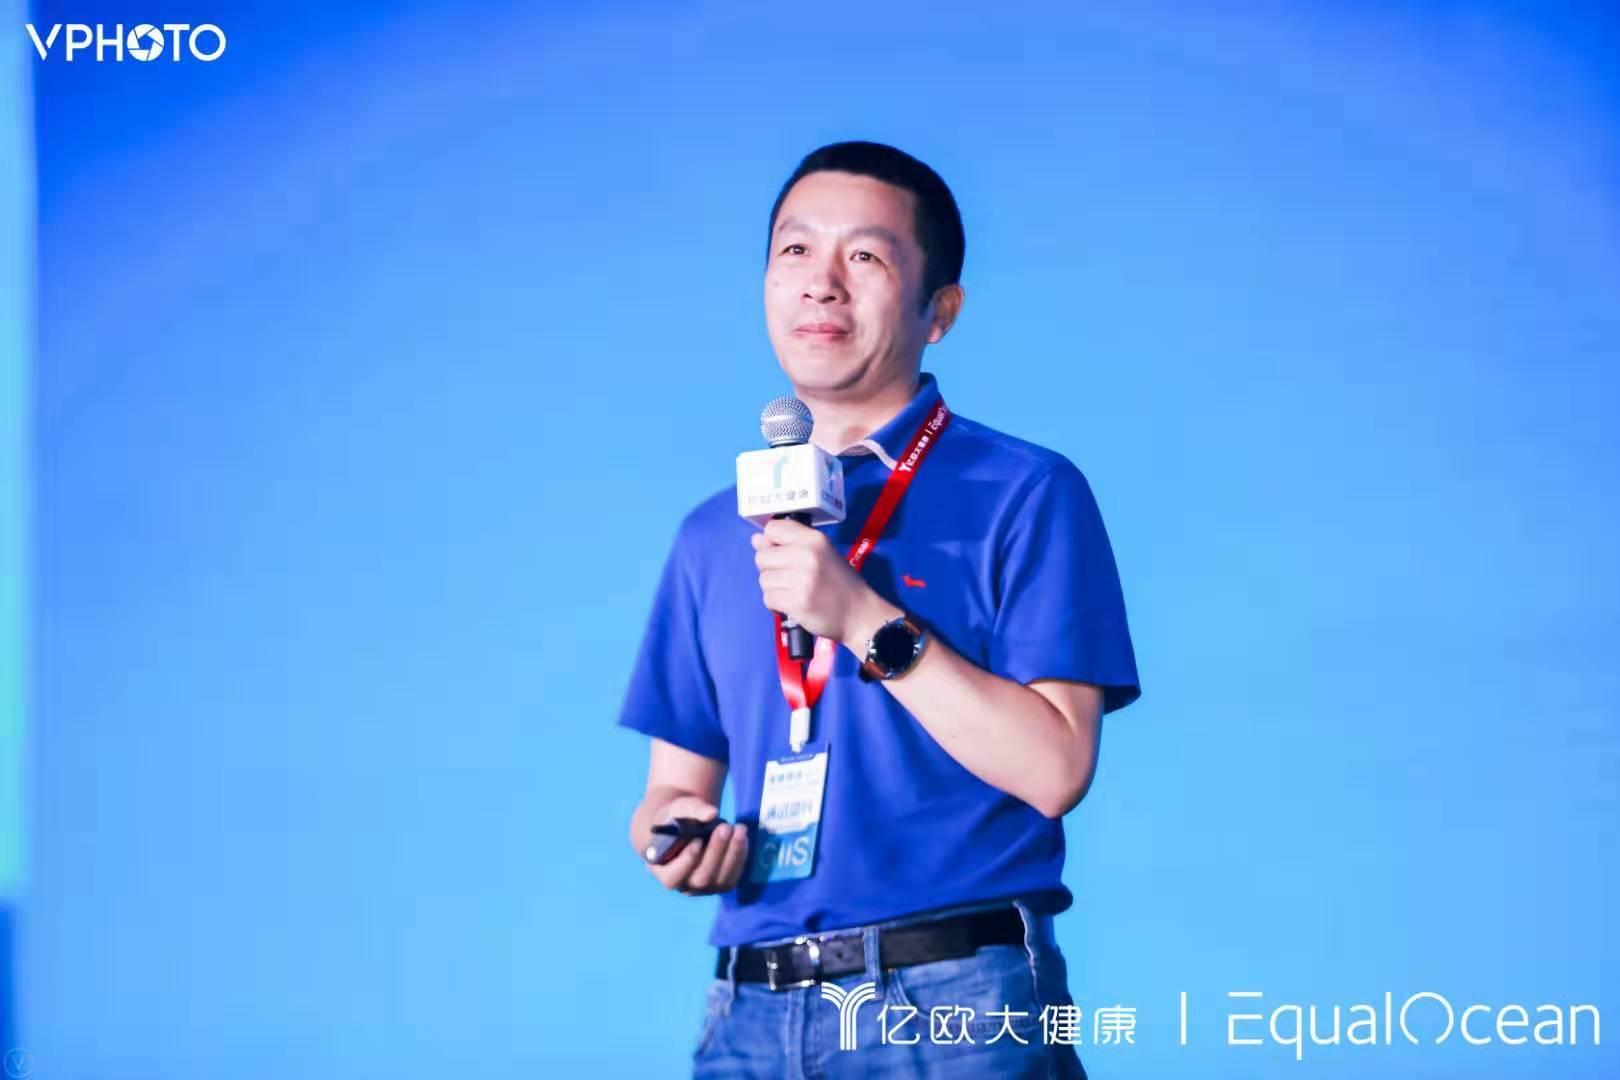 妙医佳CEO孔飞:定义数字化健康管理